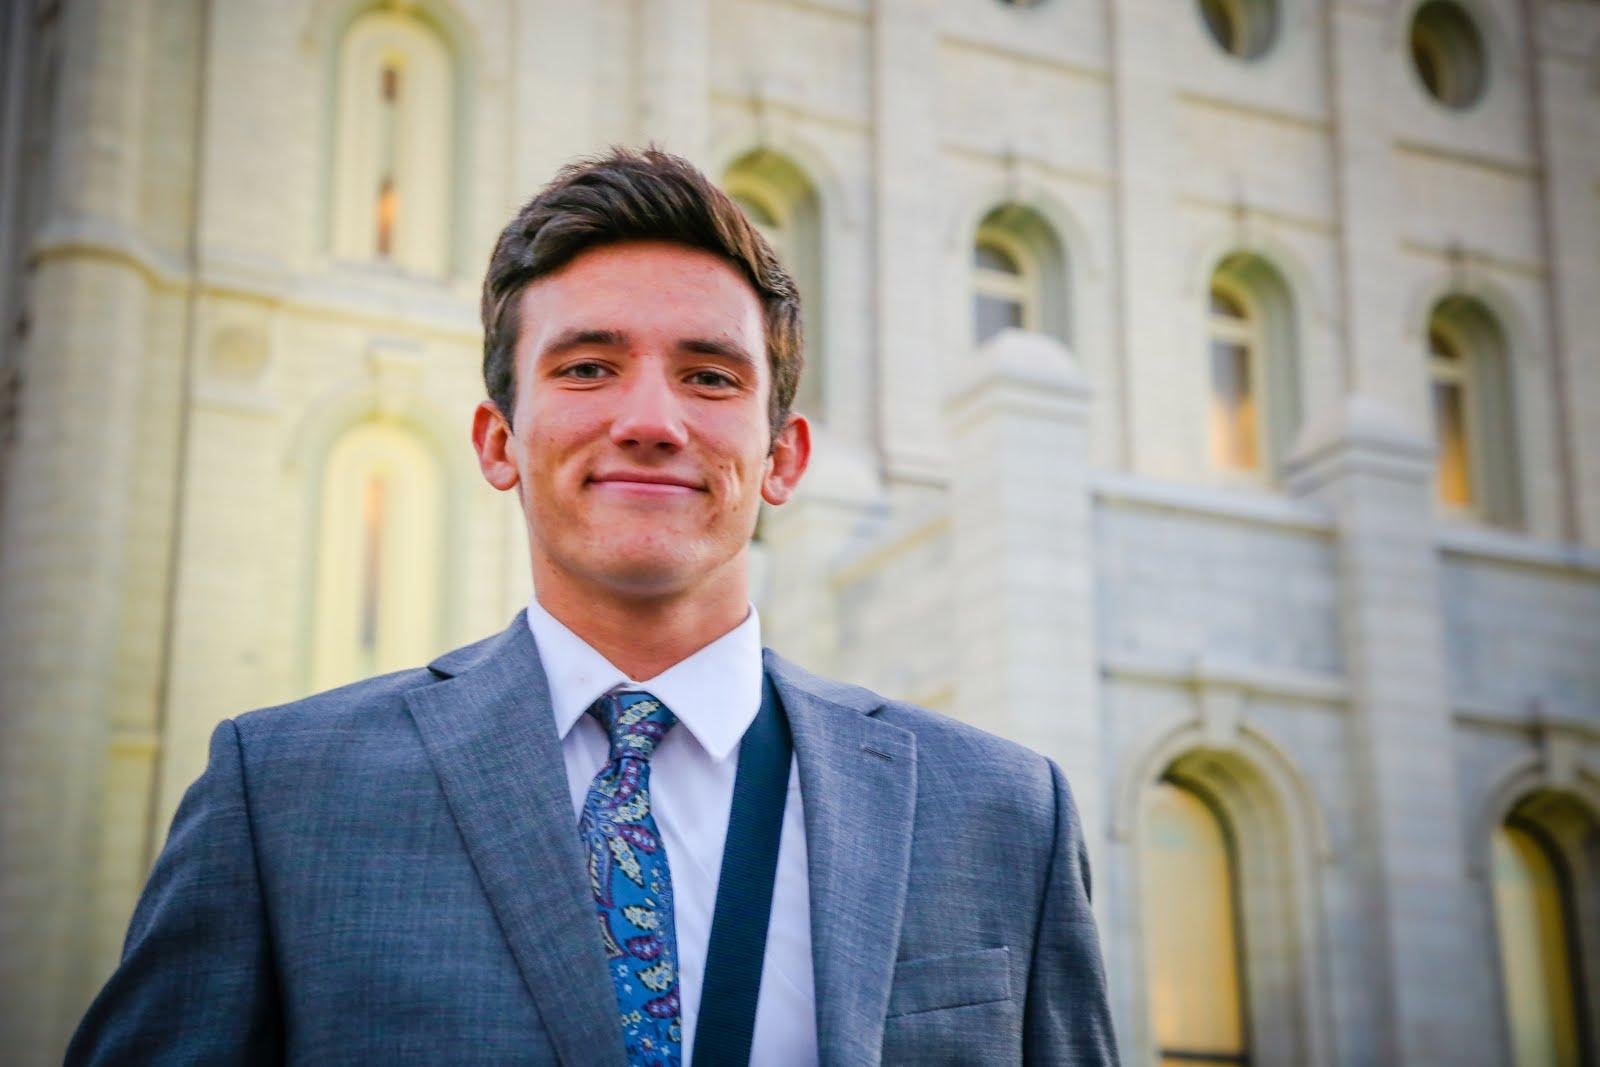 Elder Dylan VanBuskirk